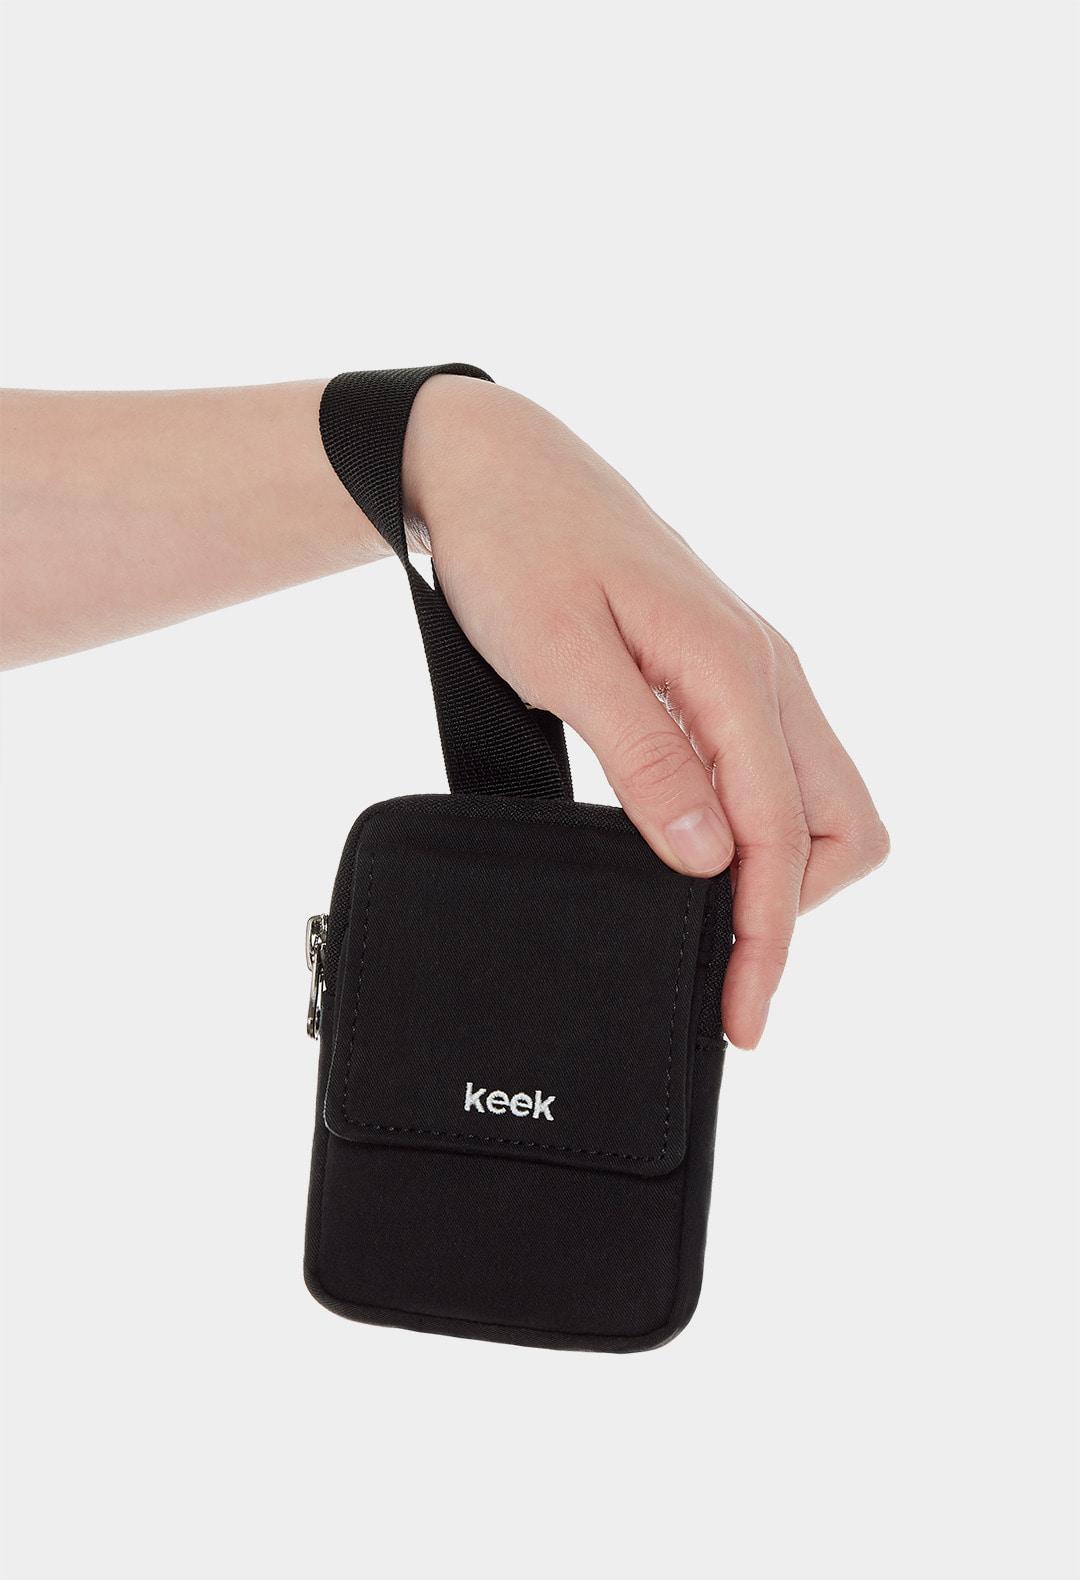 keek Buckle Pocket - Black 스트릿패션 유니섹스브랜드 커플시밀러룩 남자쇼핑몰 여성의류쇼핑몰 후드티 힙색